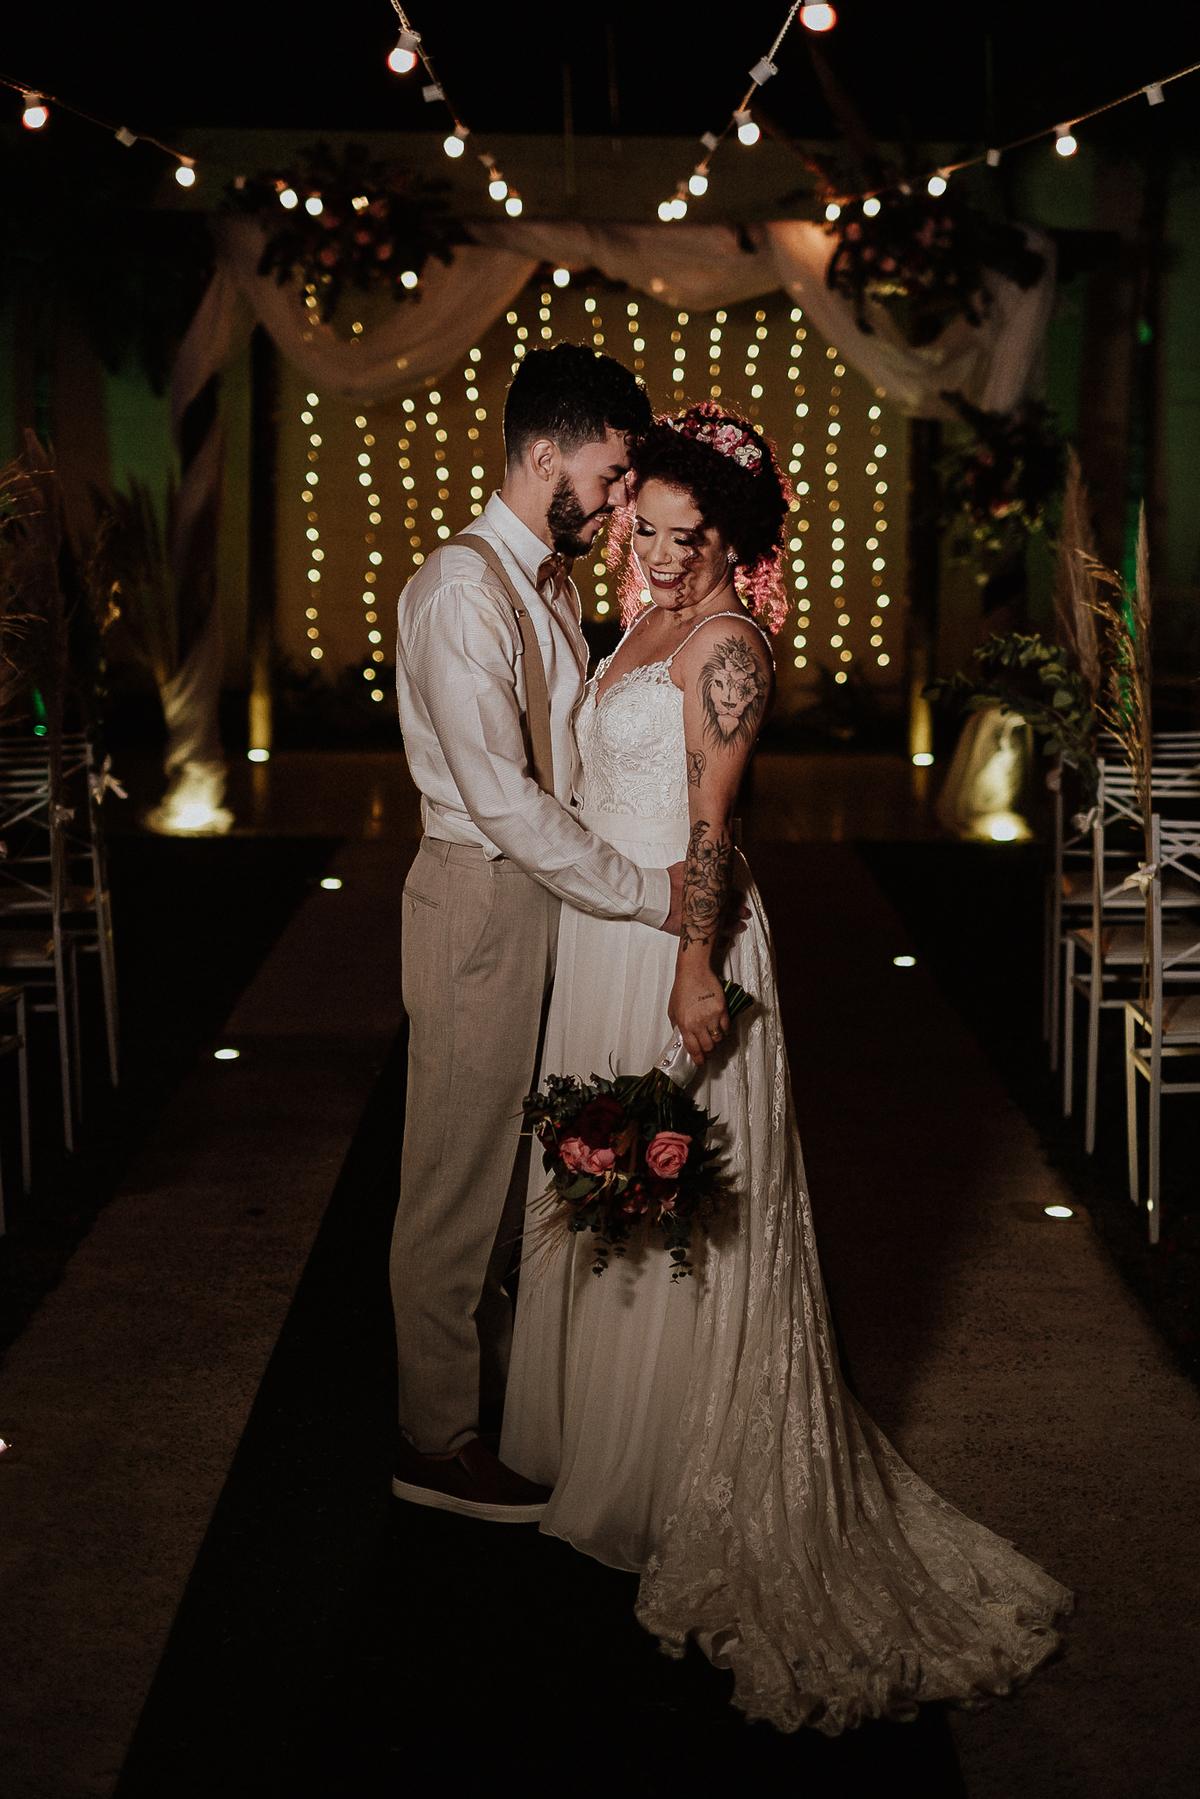 casamentos em campinas trash the dress vestido de noiva fotos espontaneas ensaio pos cerimonia por caio henrique